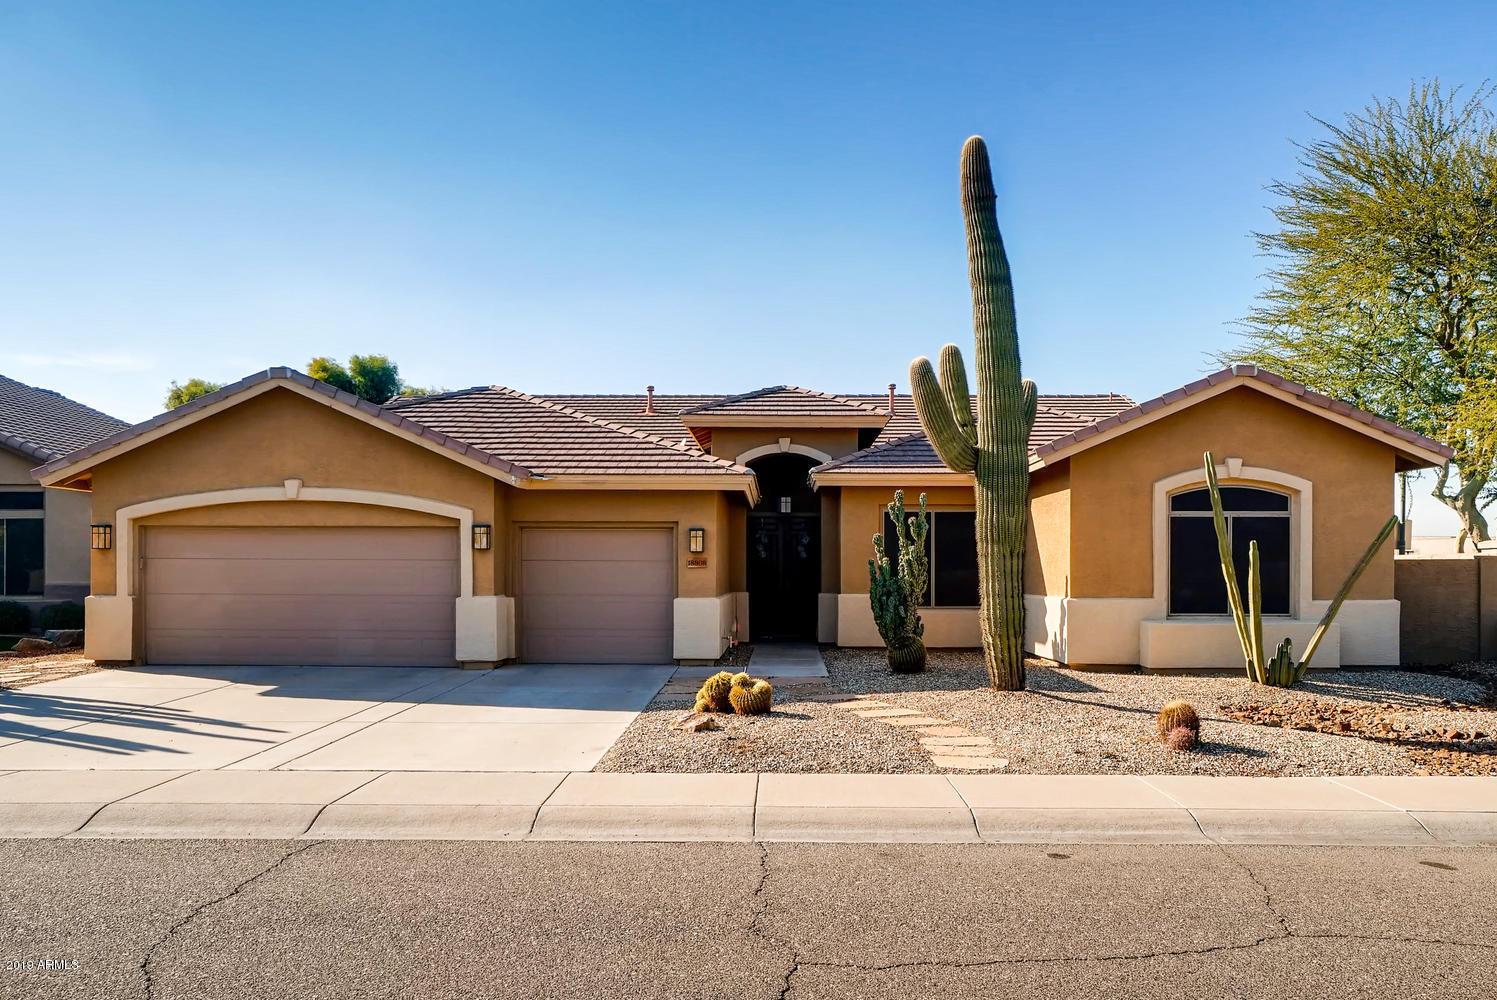 Photo of 18808 N 62nd Drive, Glendale, AZ 85308